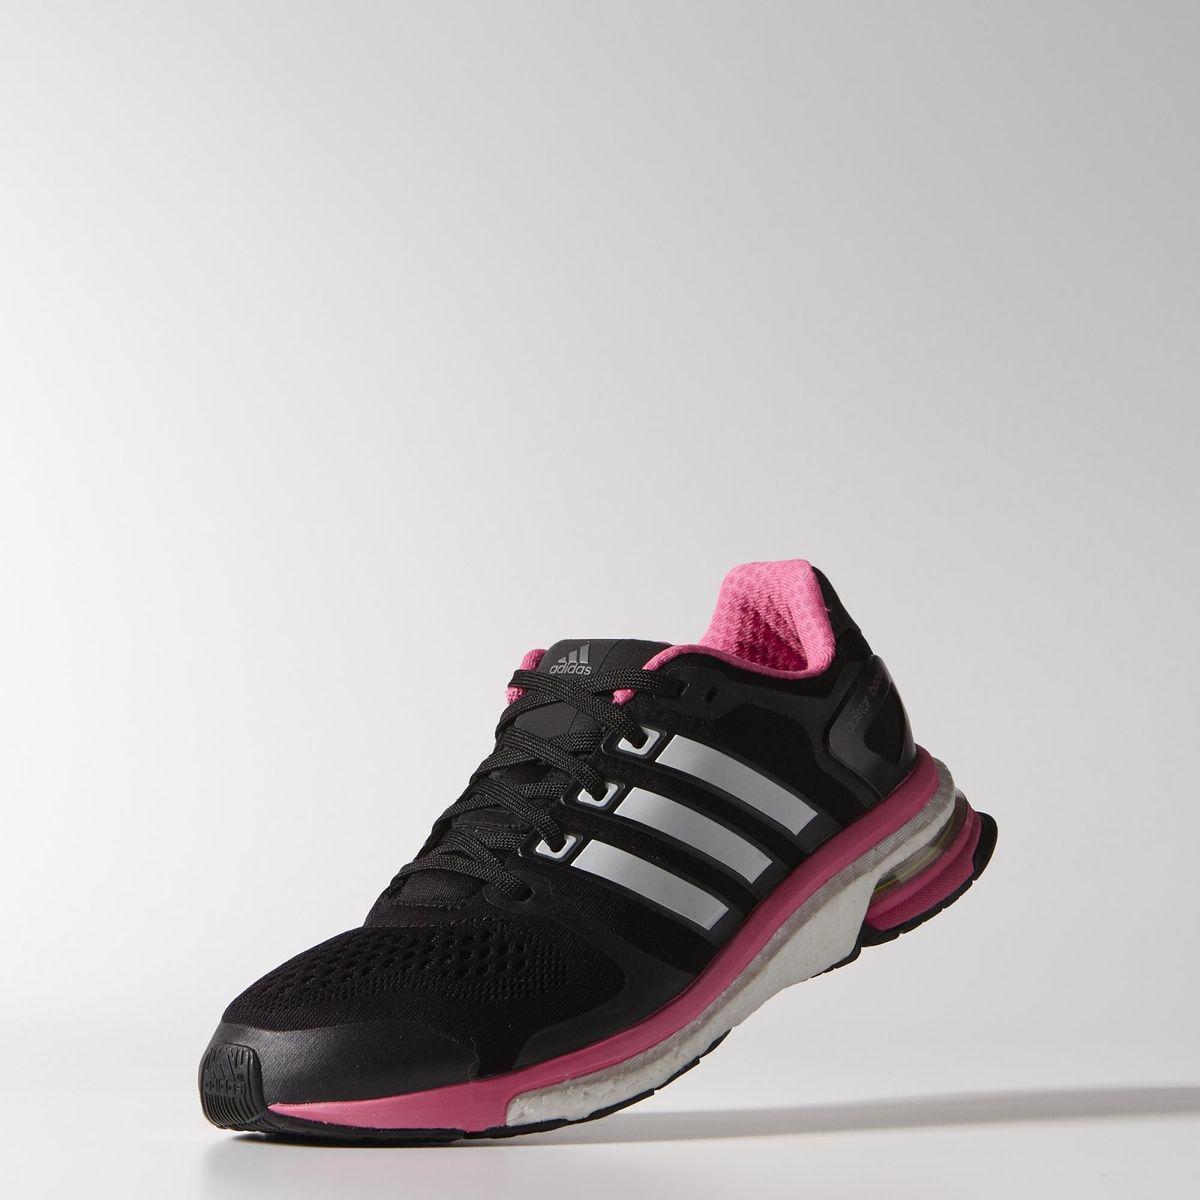 buy online fe39a 43c72 Adidas Womens Adistar Boost ESM Running Shoes - BlackWhitePink